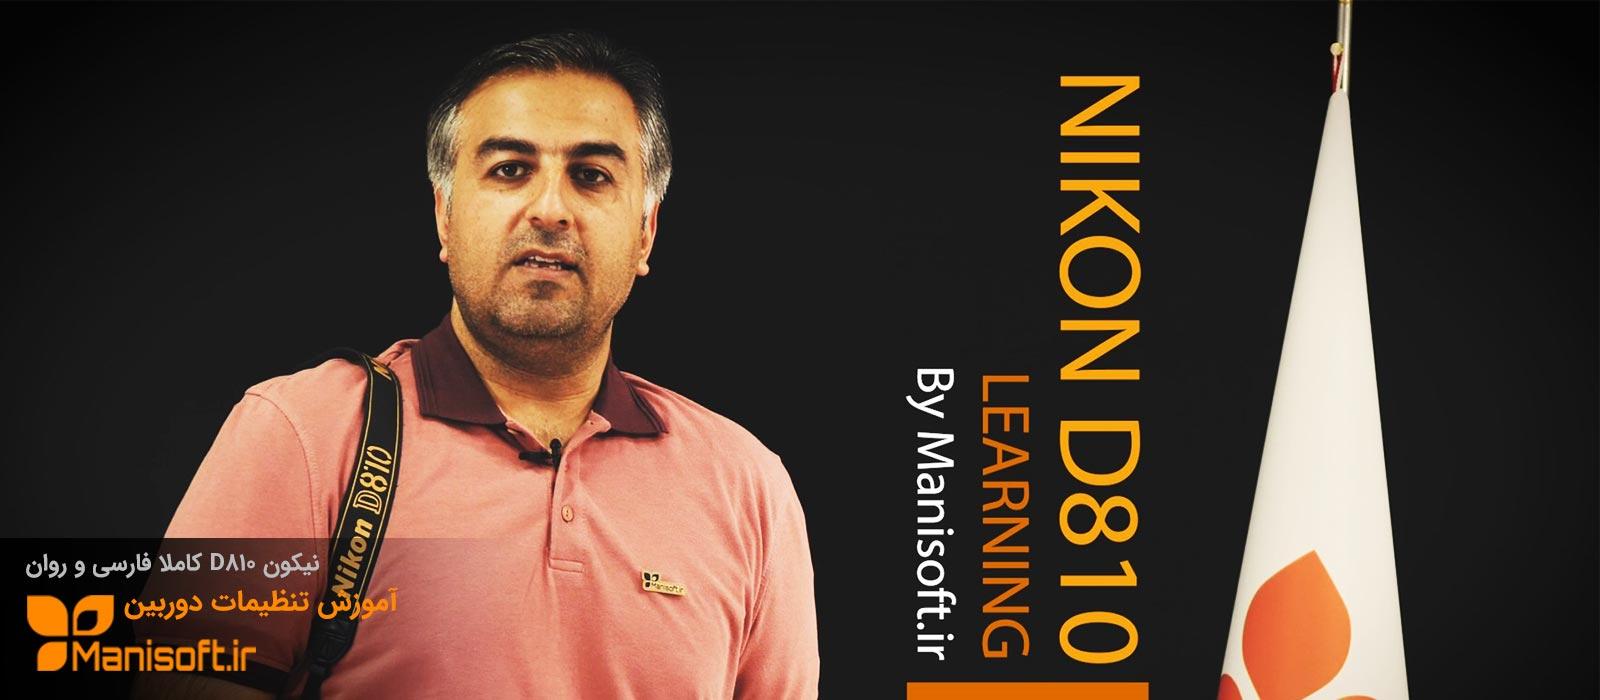 پیش نمایش آموزش فارسی دوربین نیکون D810